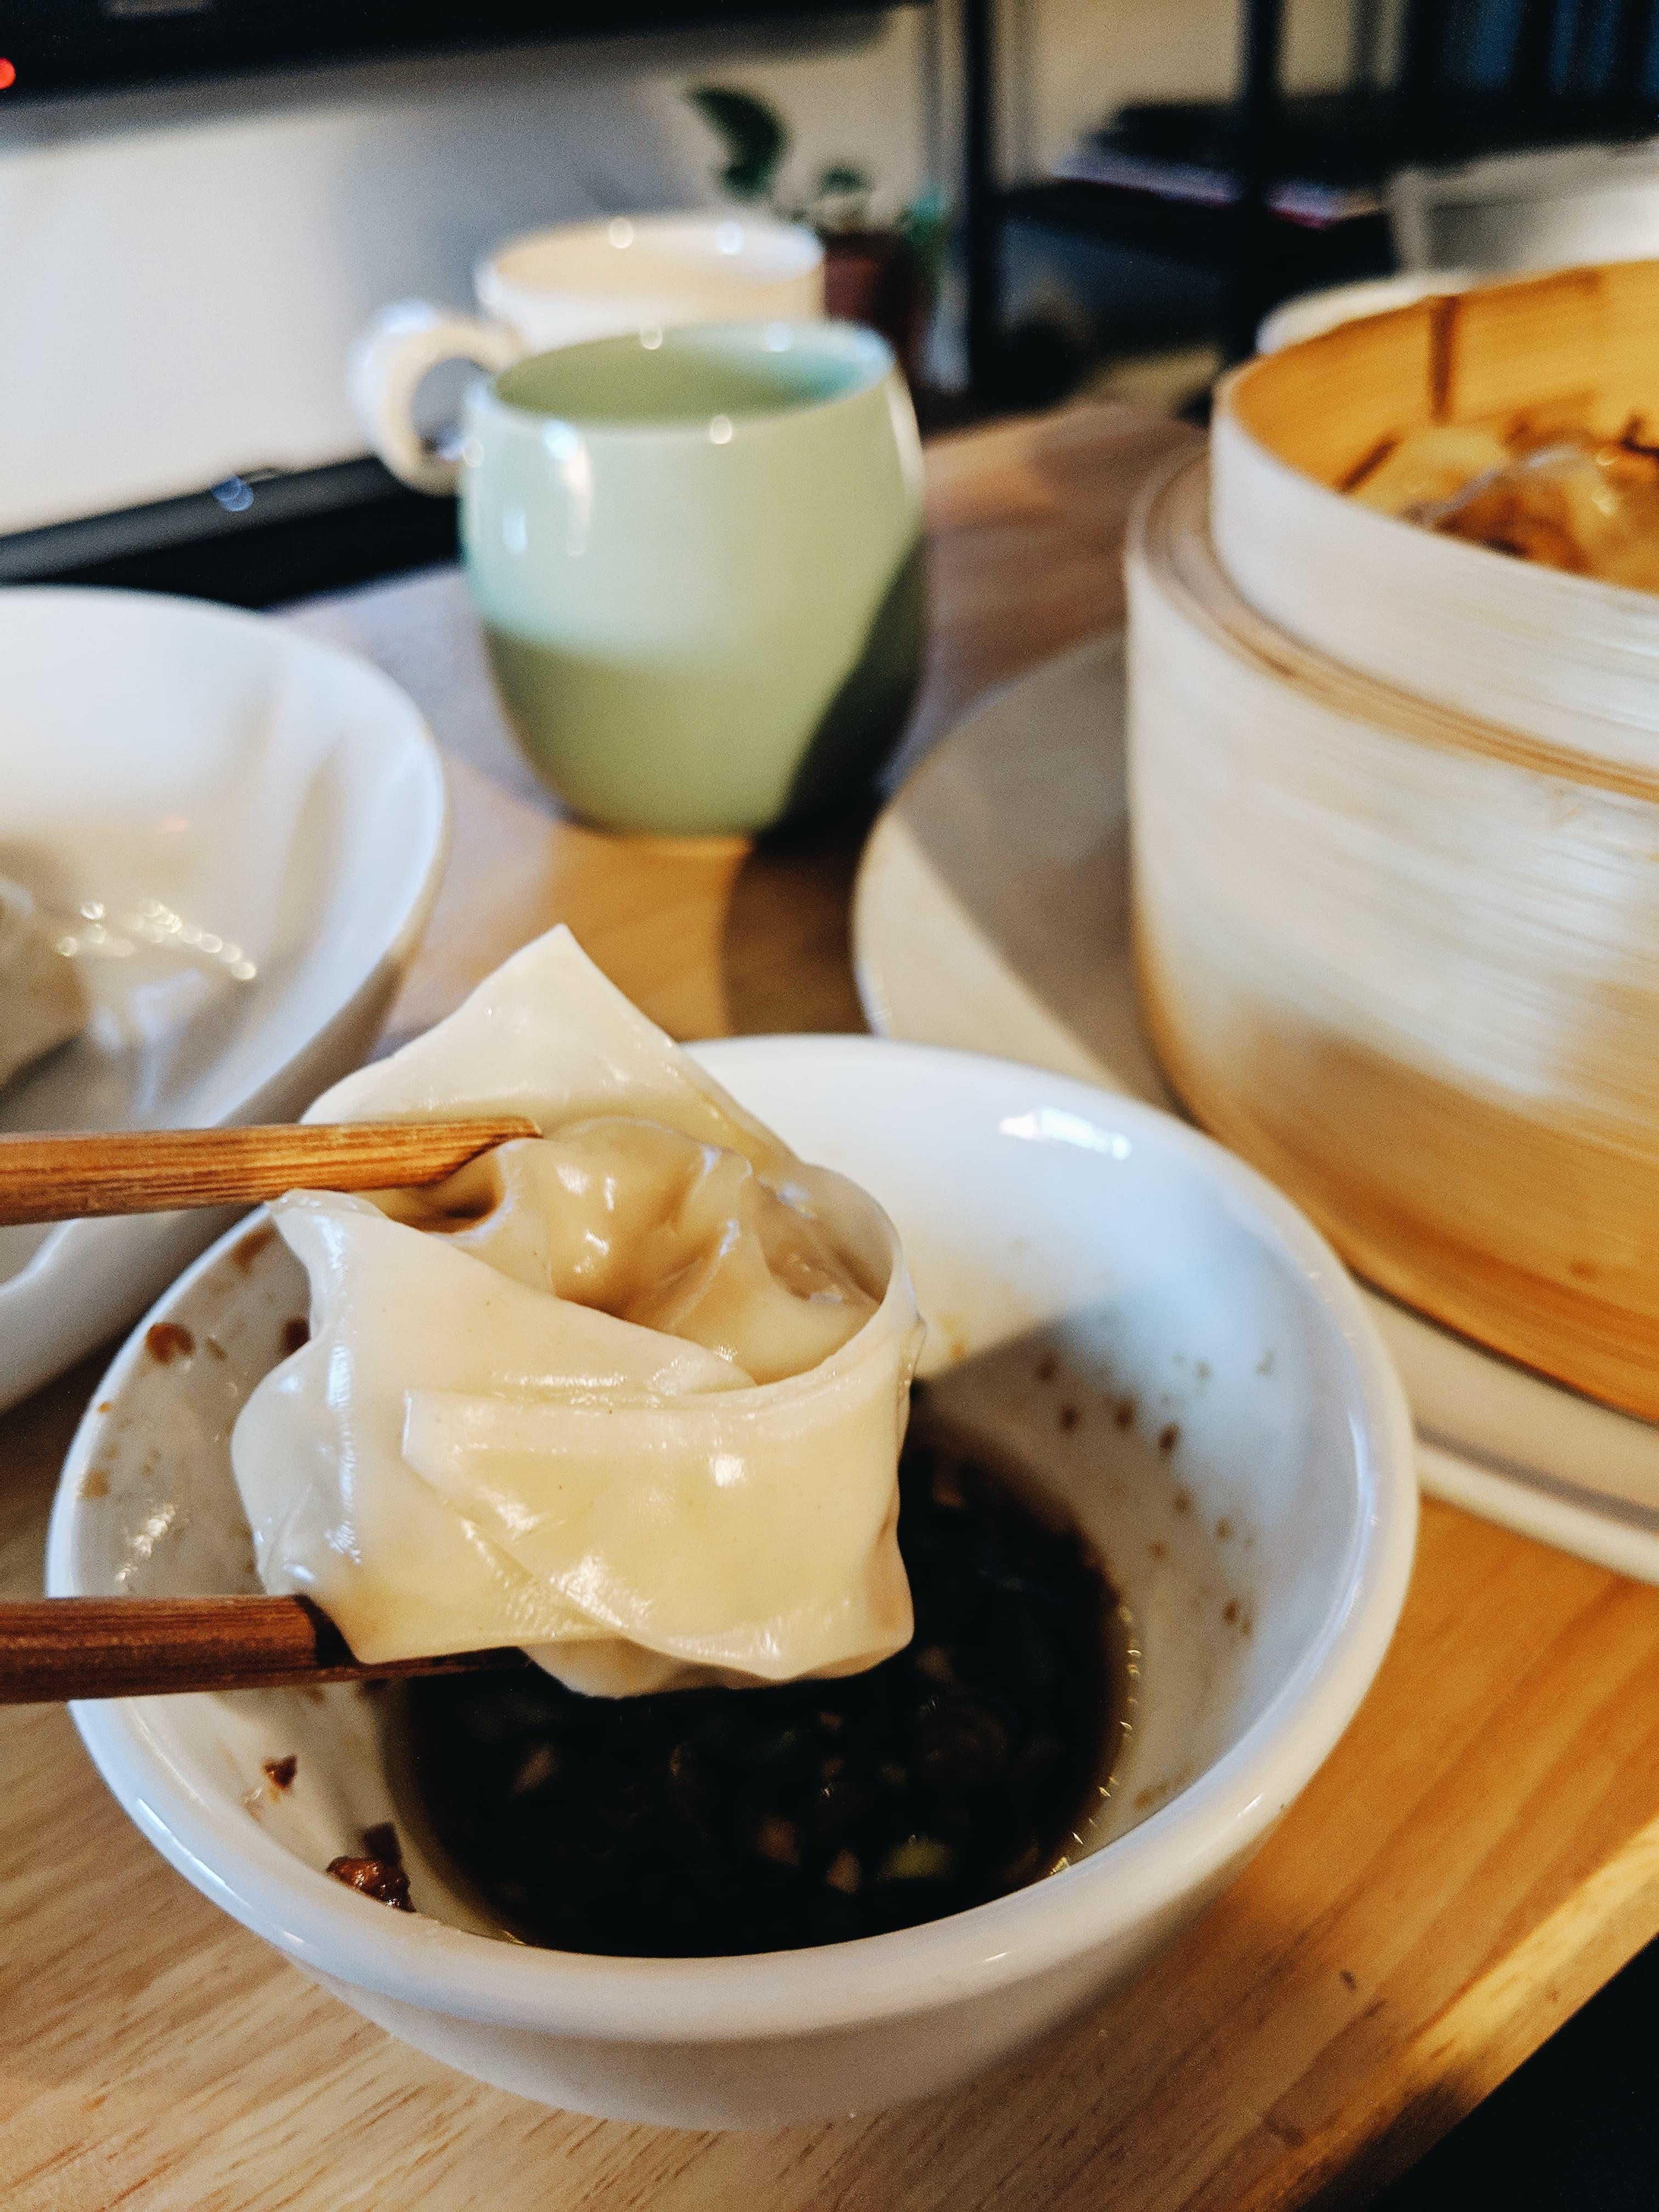 Le nouveau livre de dumplings de Geneviève Everell